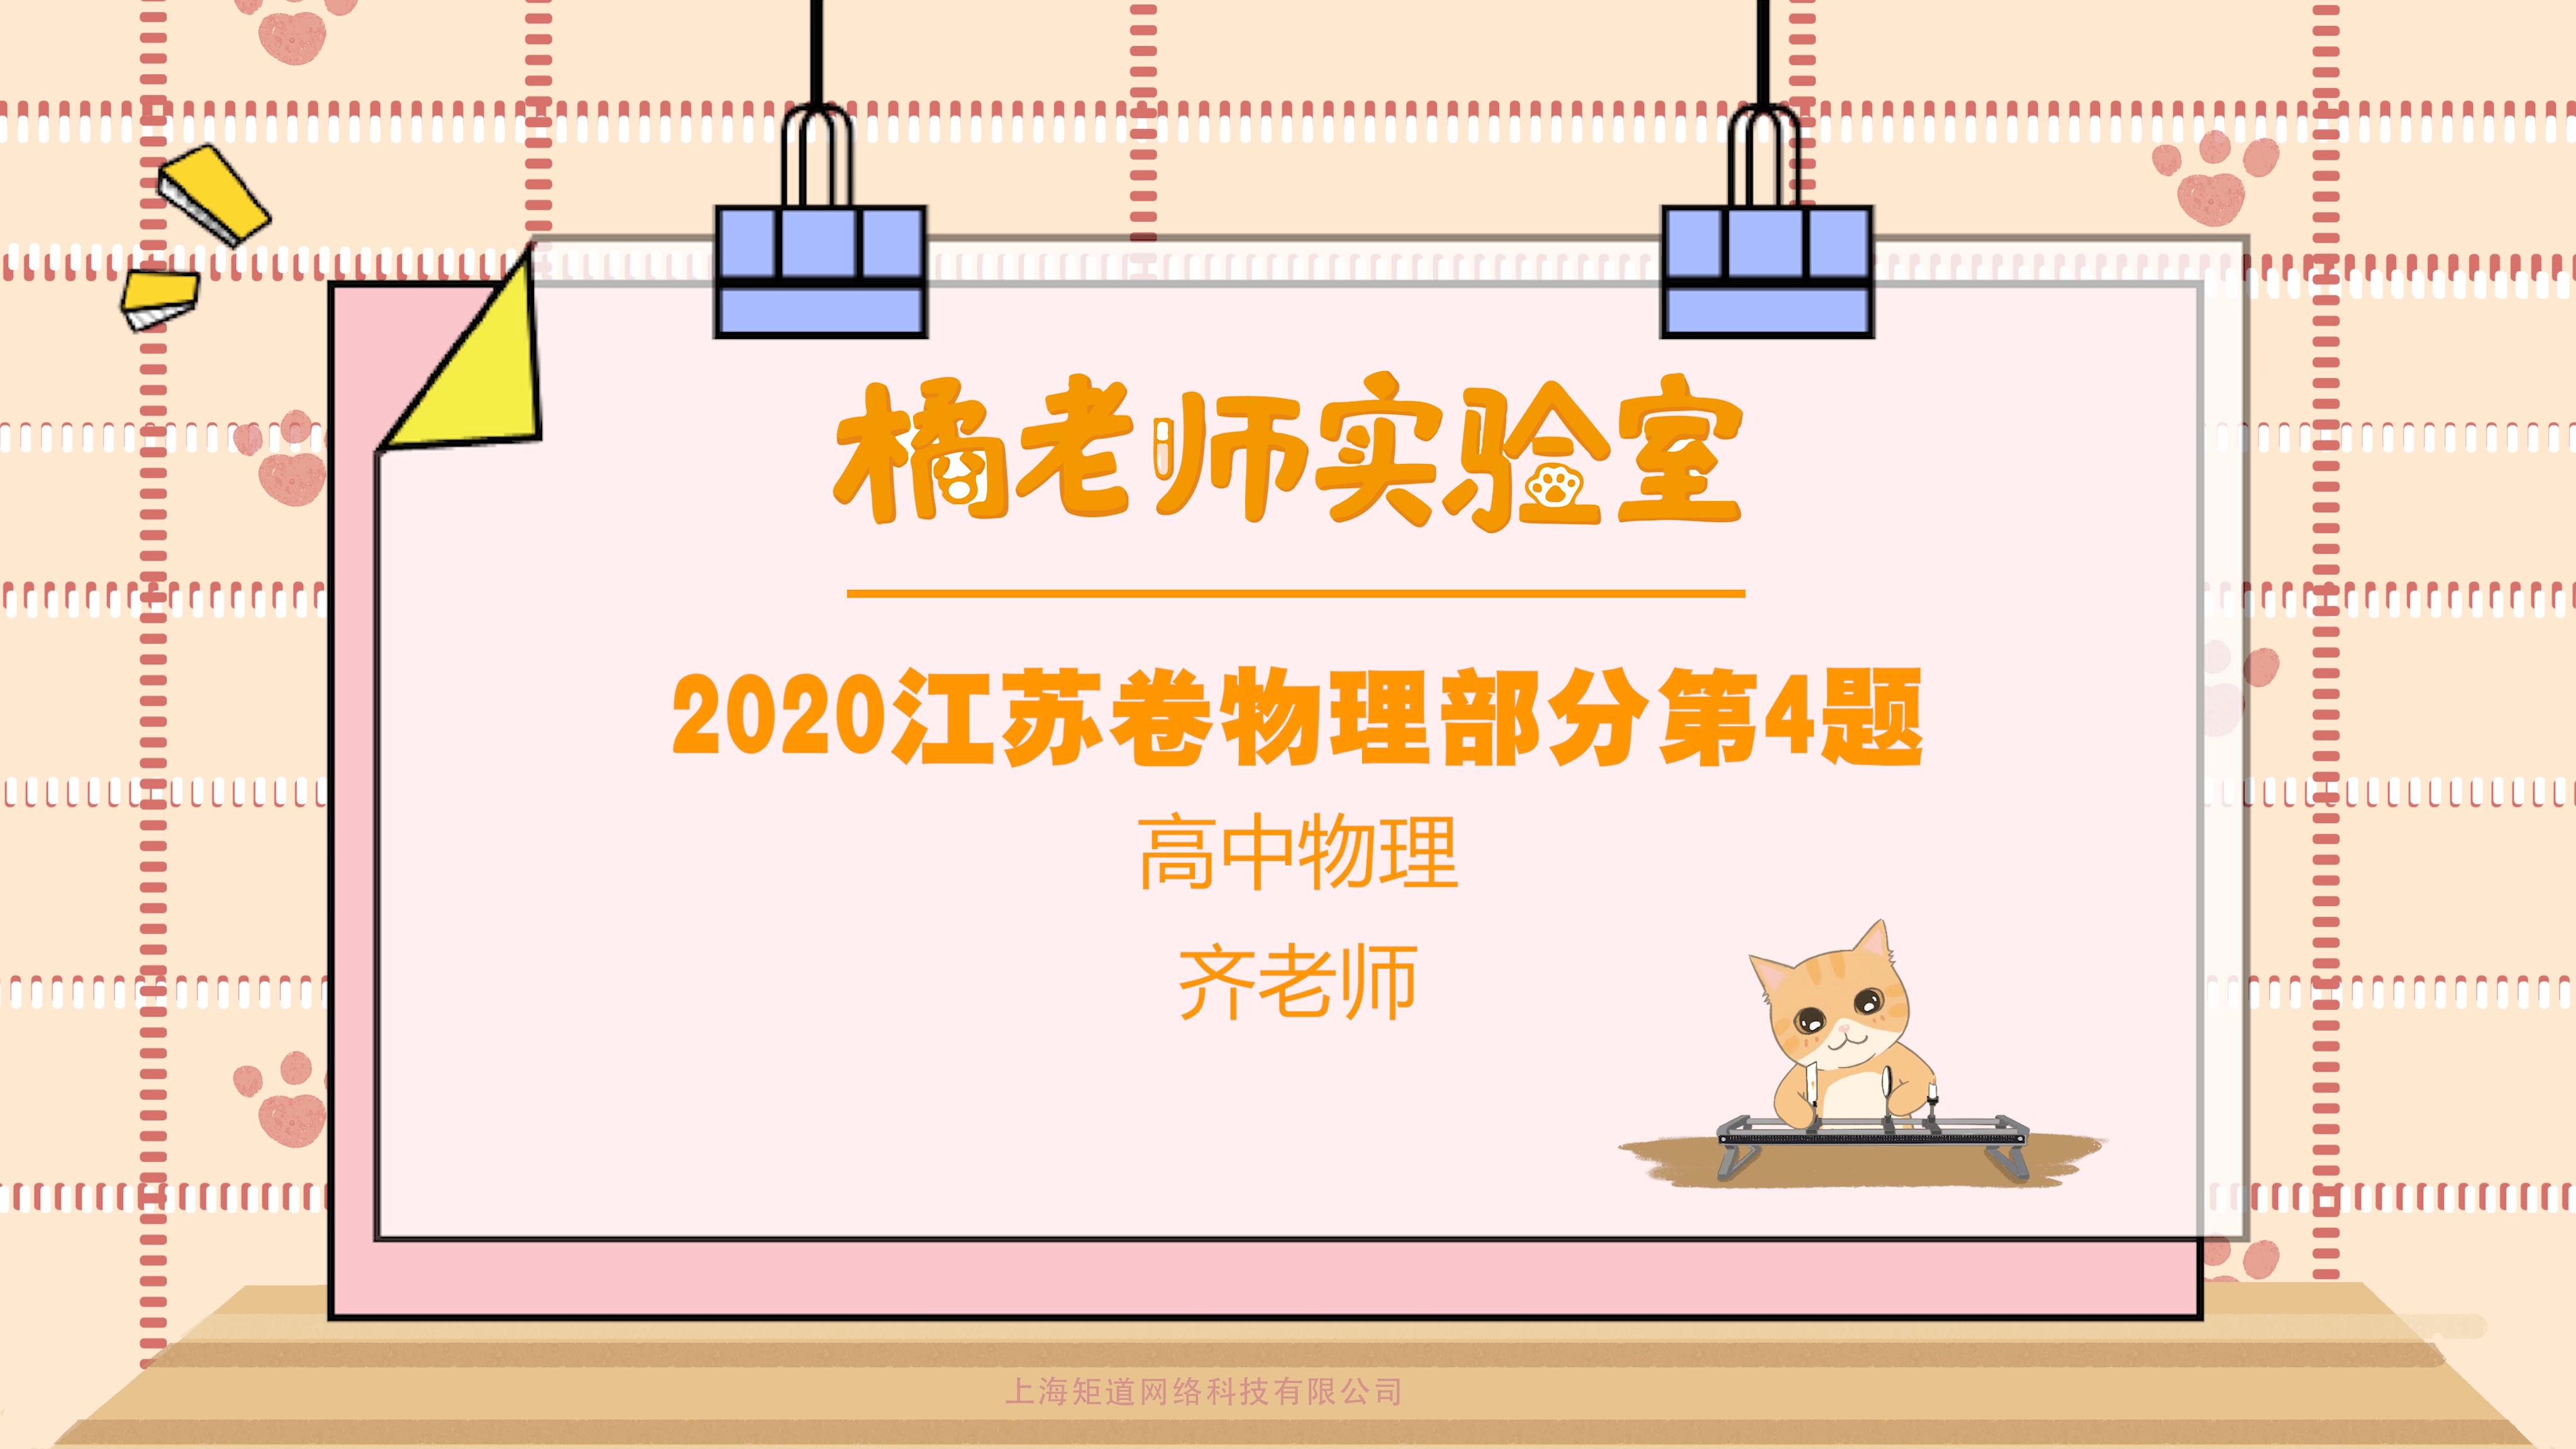 第二百三十四期:《2020江苏卷物理部分第4题》